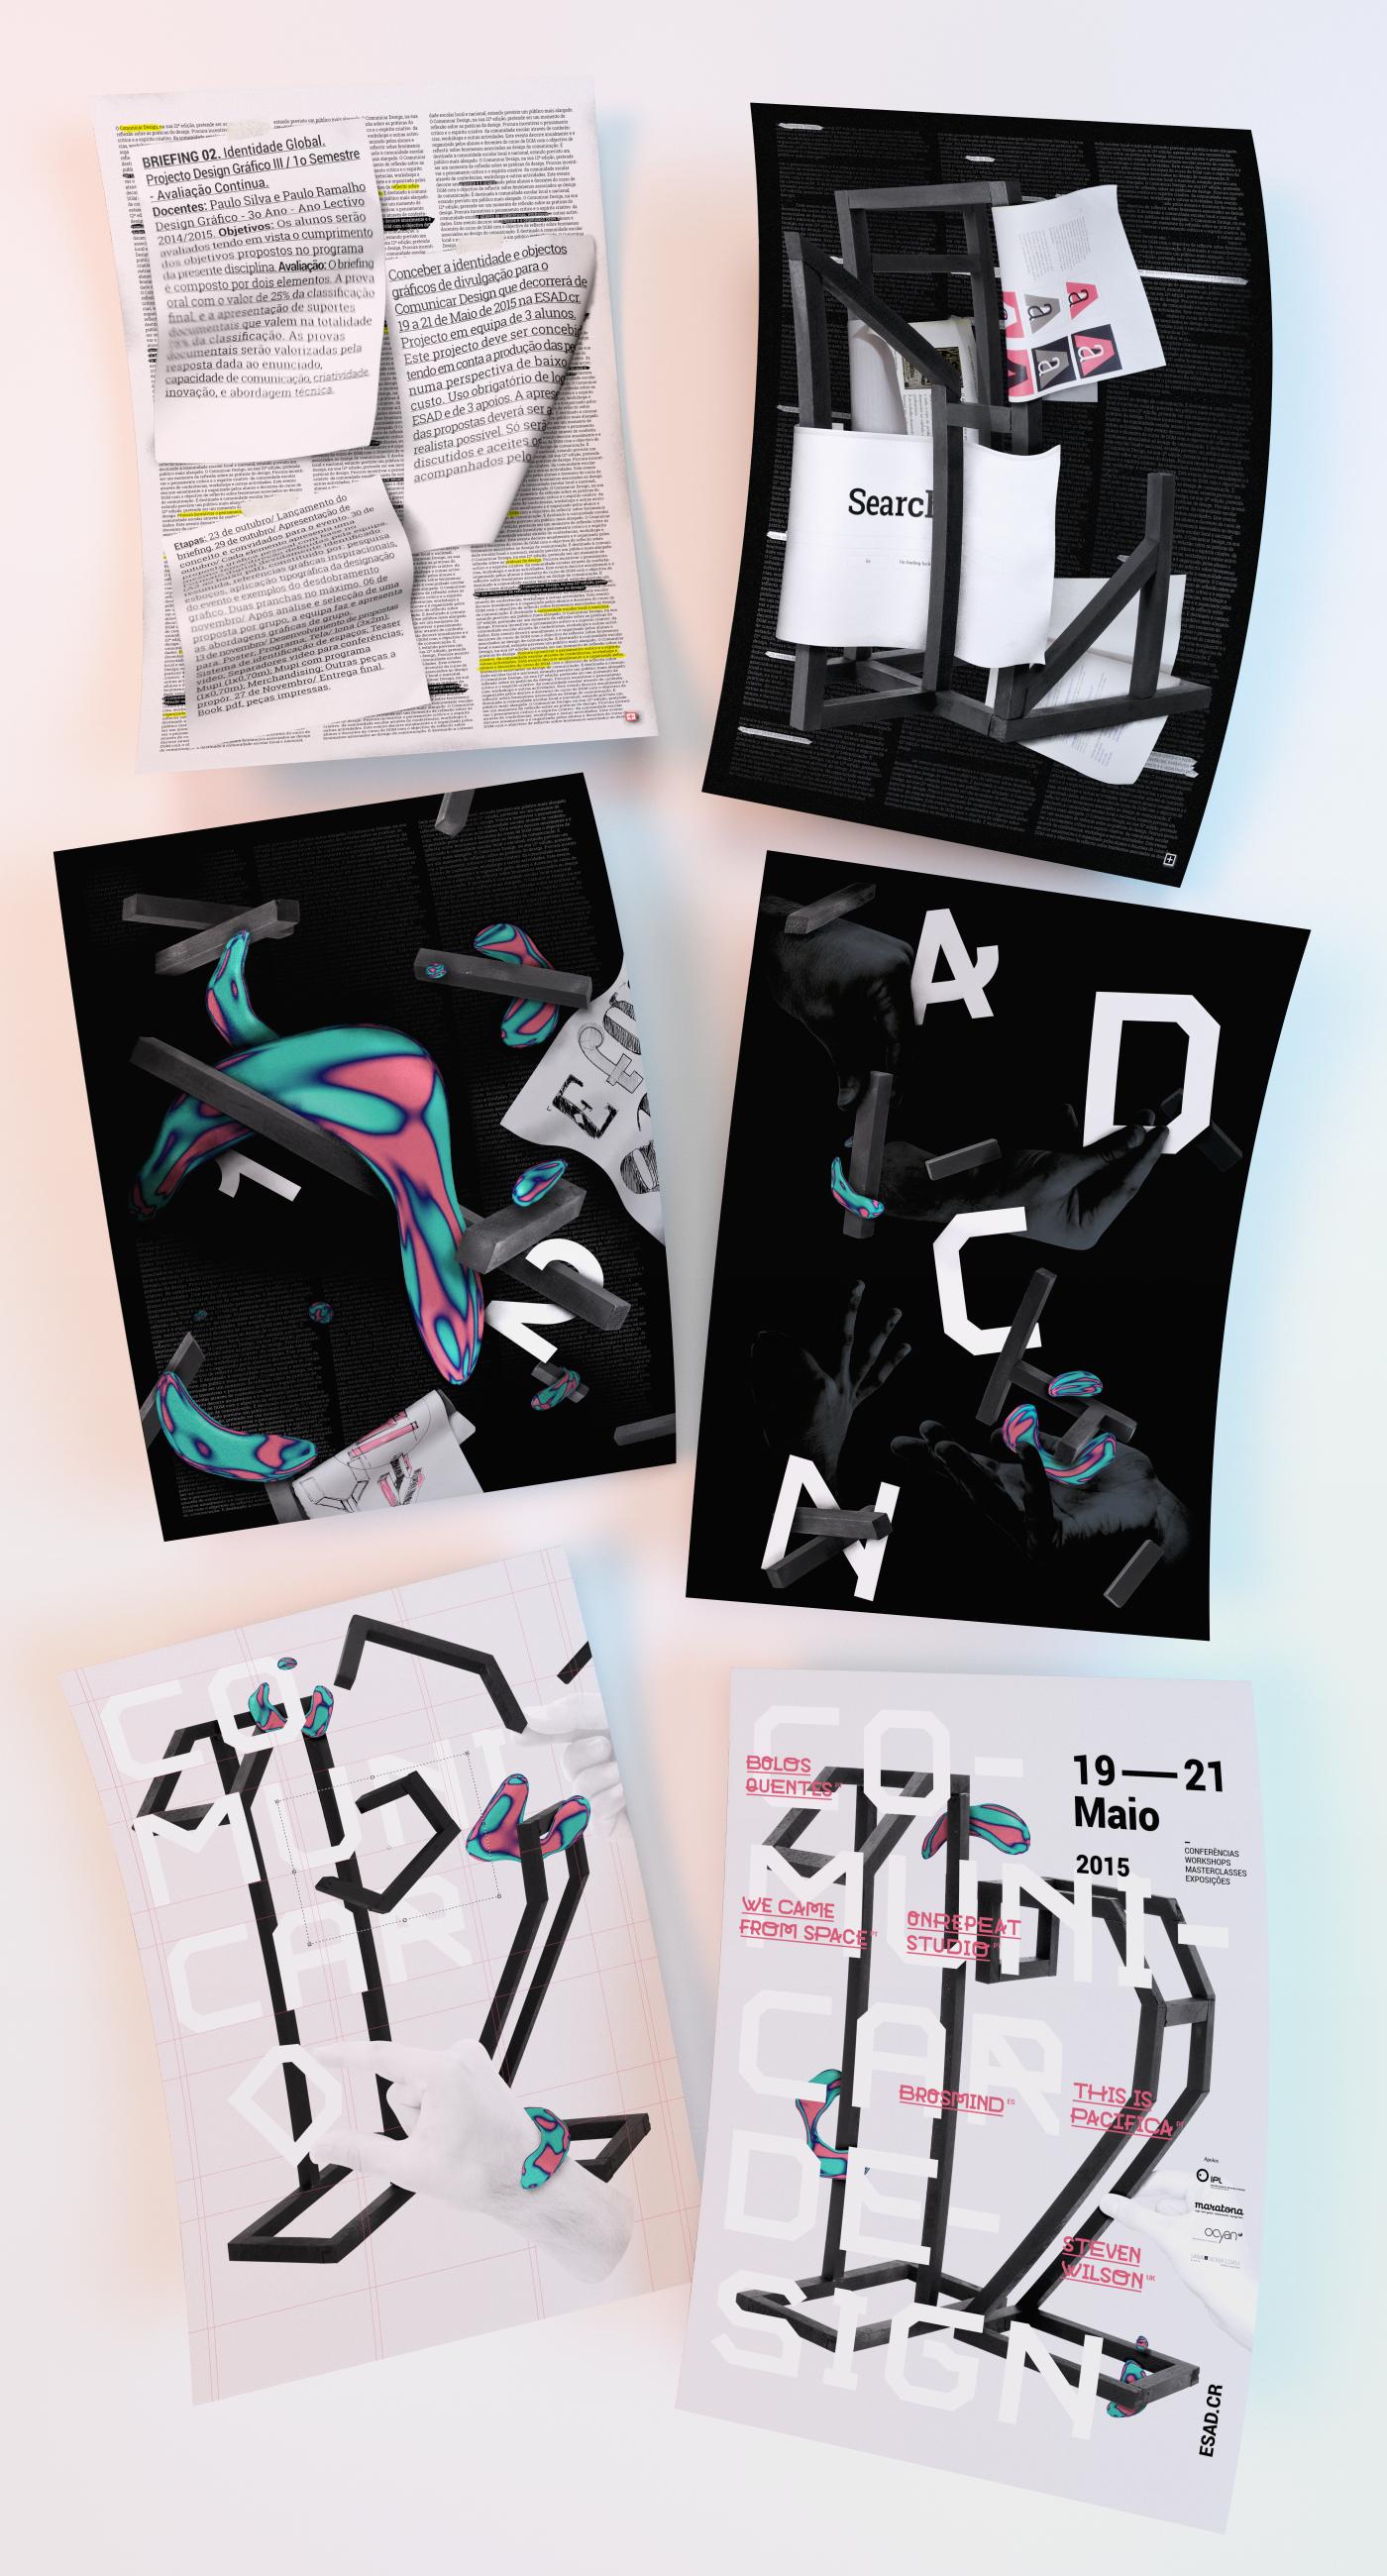 Serafim Mendes – Graphic Design